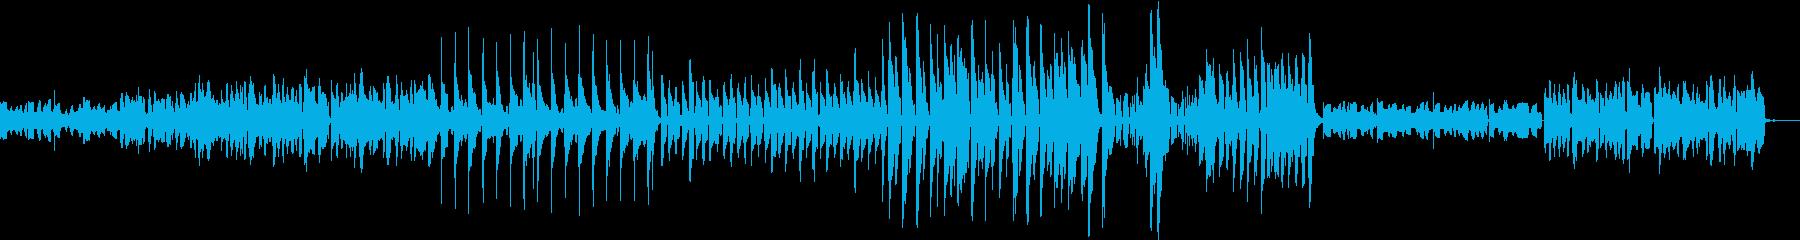 ワクワク楽しい、可愛くてゆかいな曲。の再生済みの波形